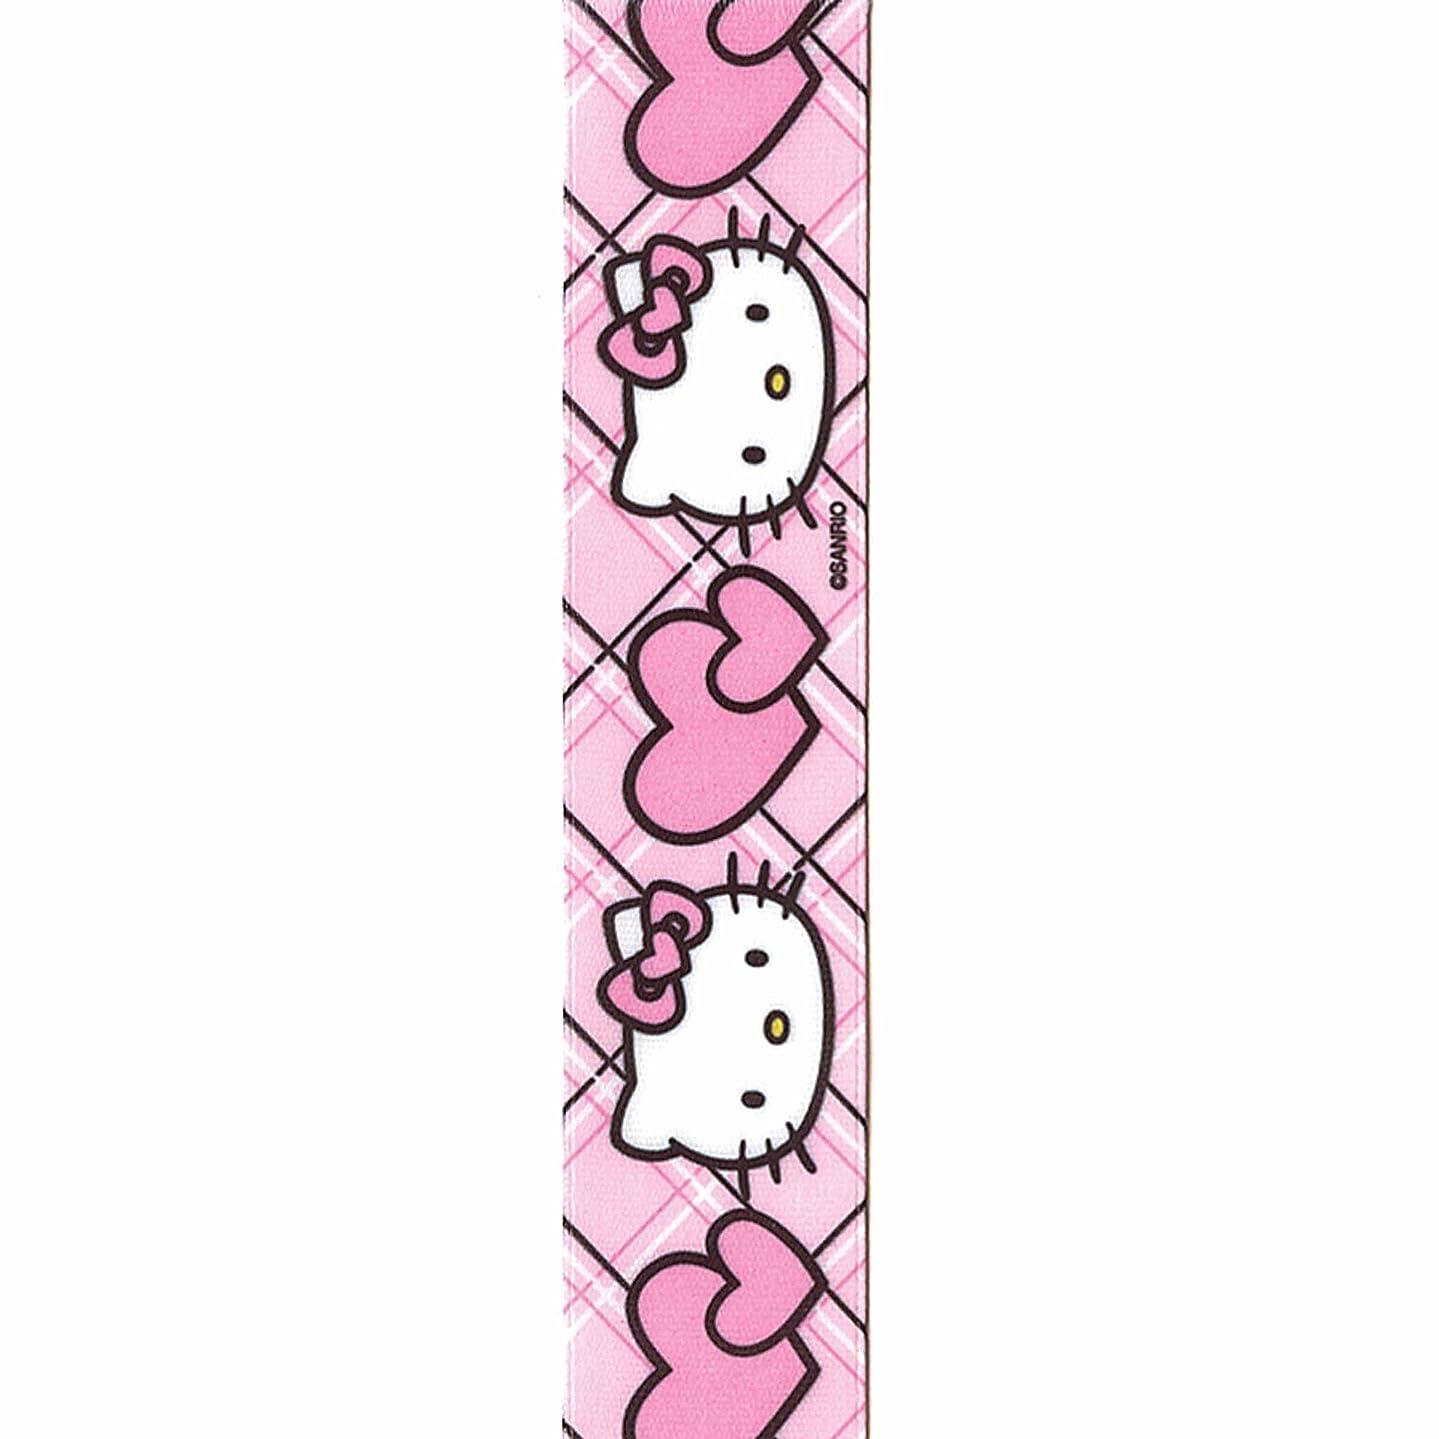 Offray Hello Kitty Craft Ribbon, 7/8-Inch x 9-Feet, Hearts